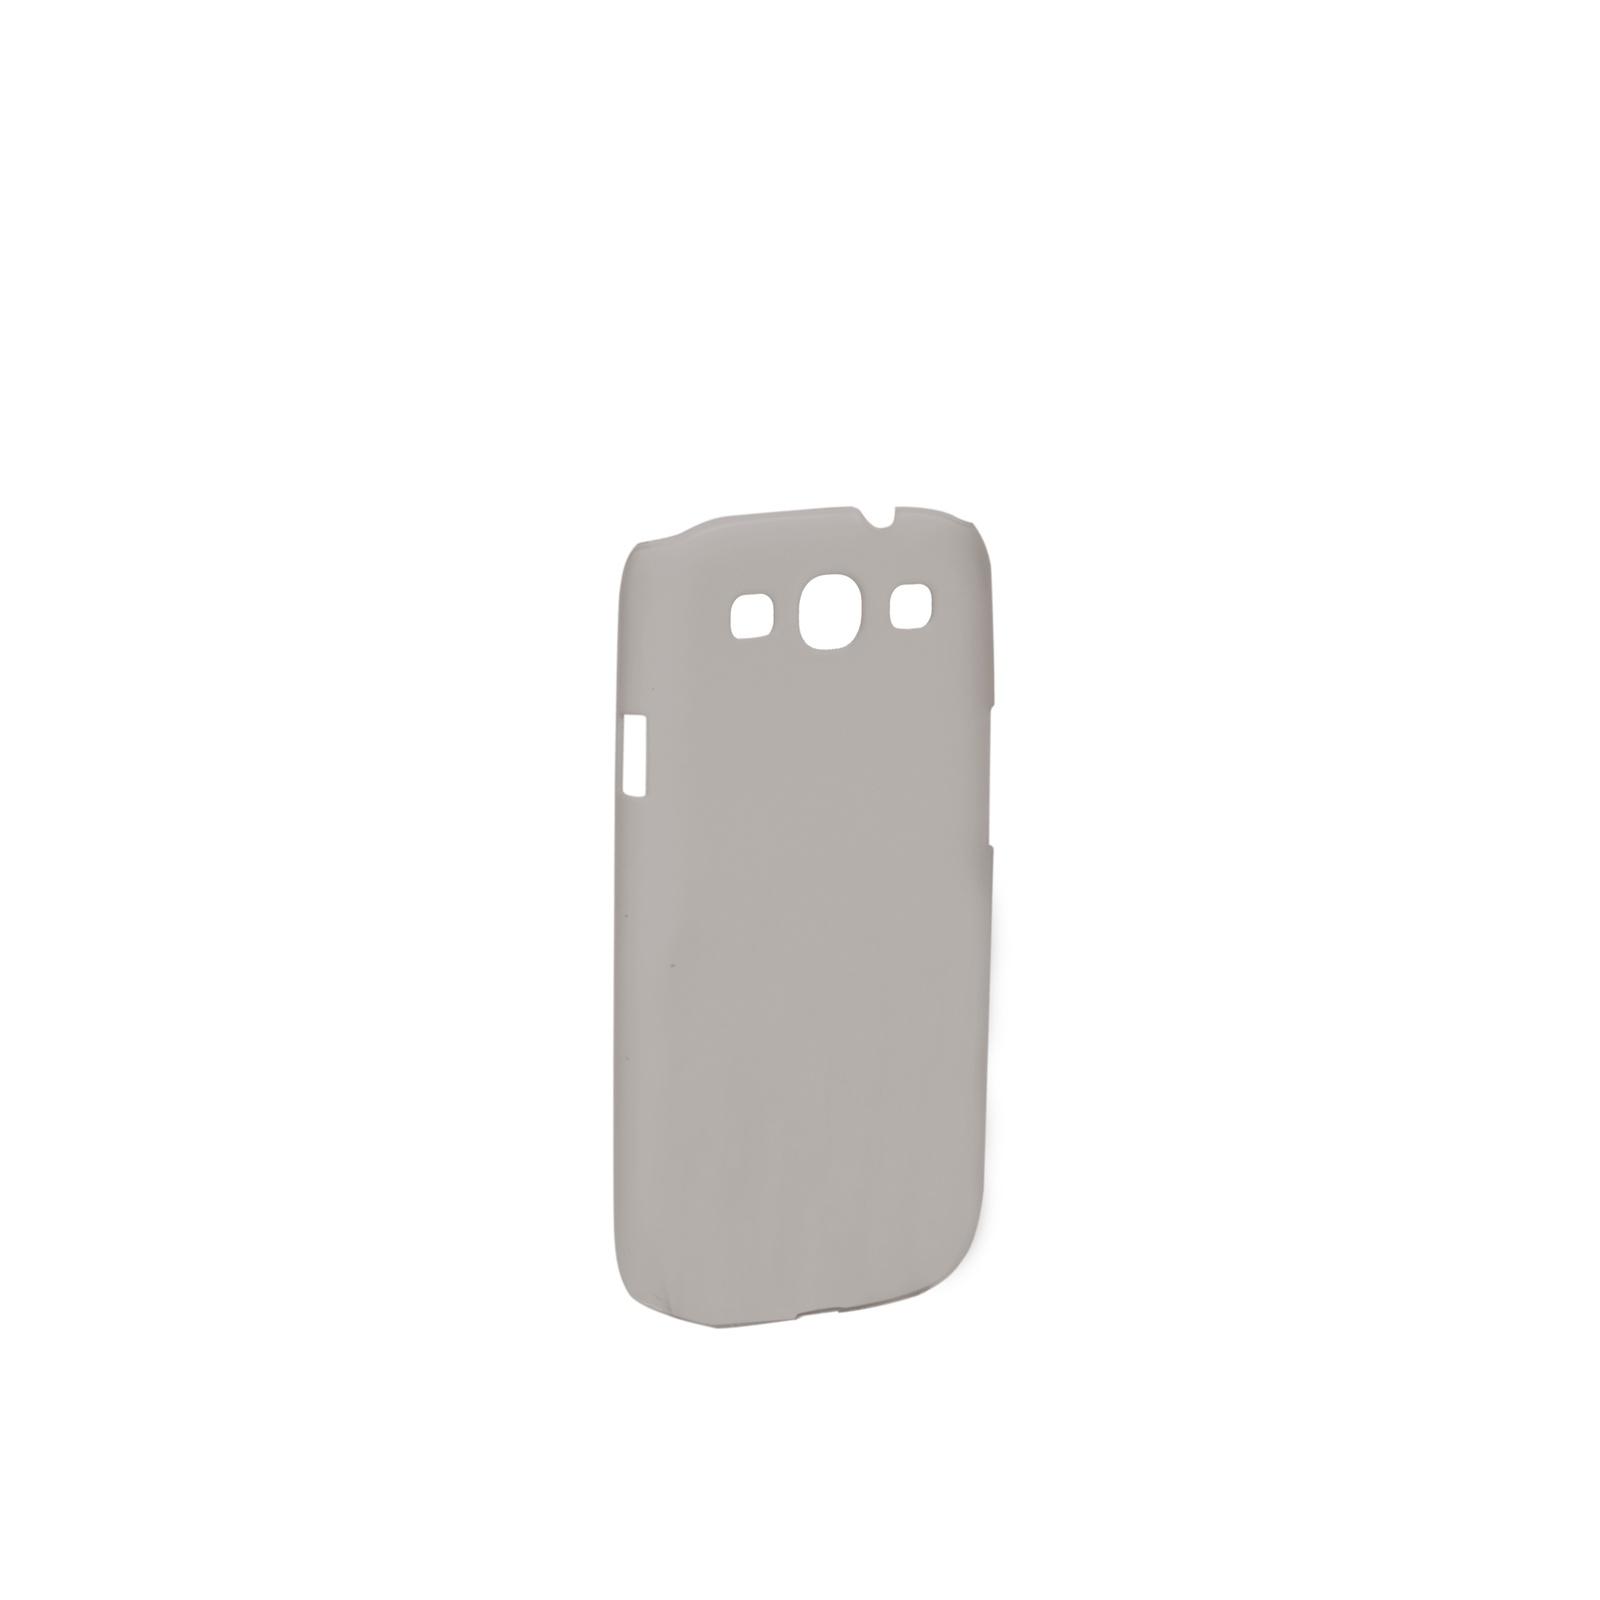 Чехол для сотового телефона IQ Format Samsung Galaxy S3, 6225813152780, серый цена и фото